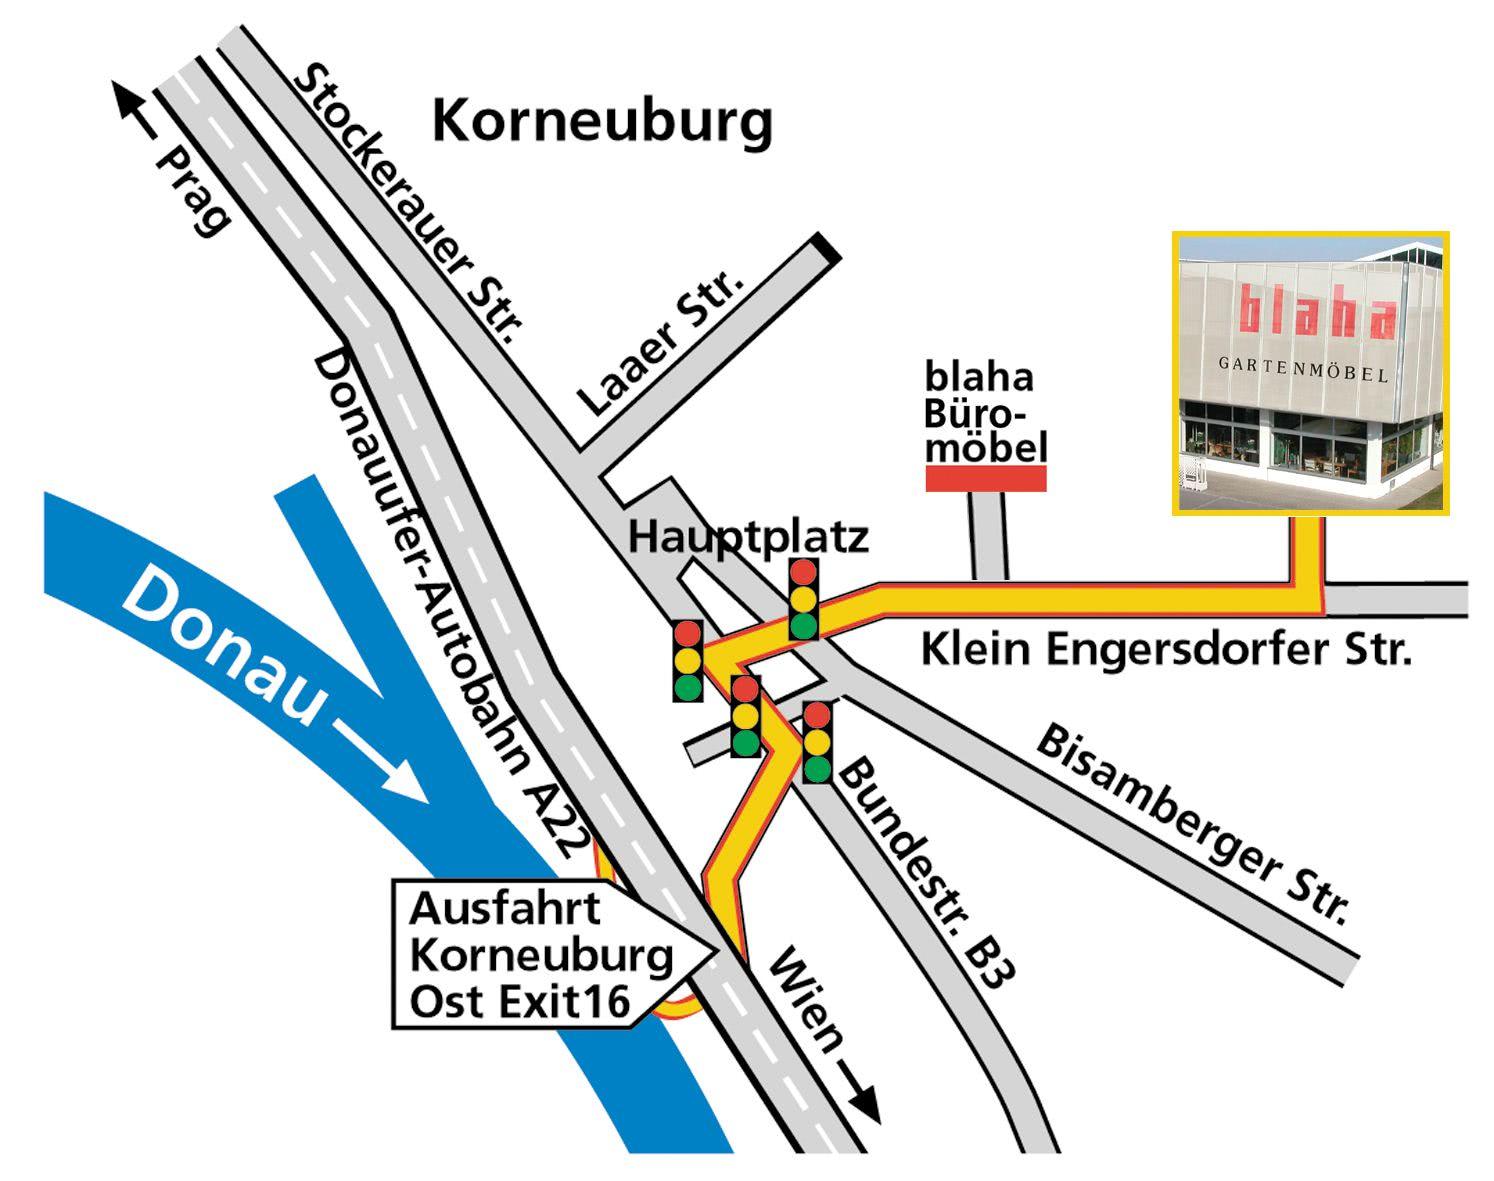 BlahaGartenmöbel_Anfahrt